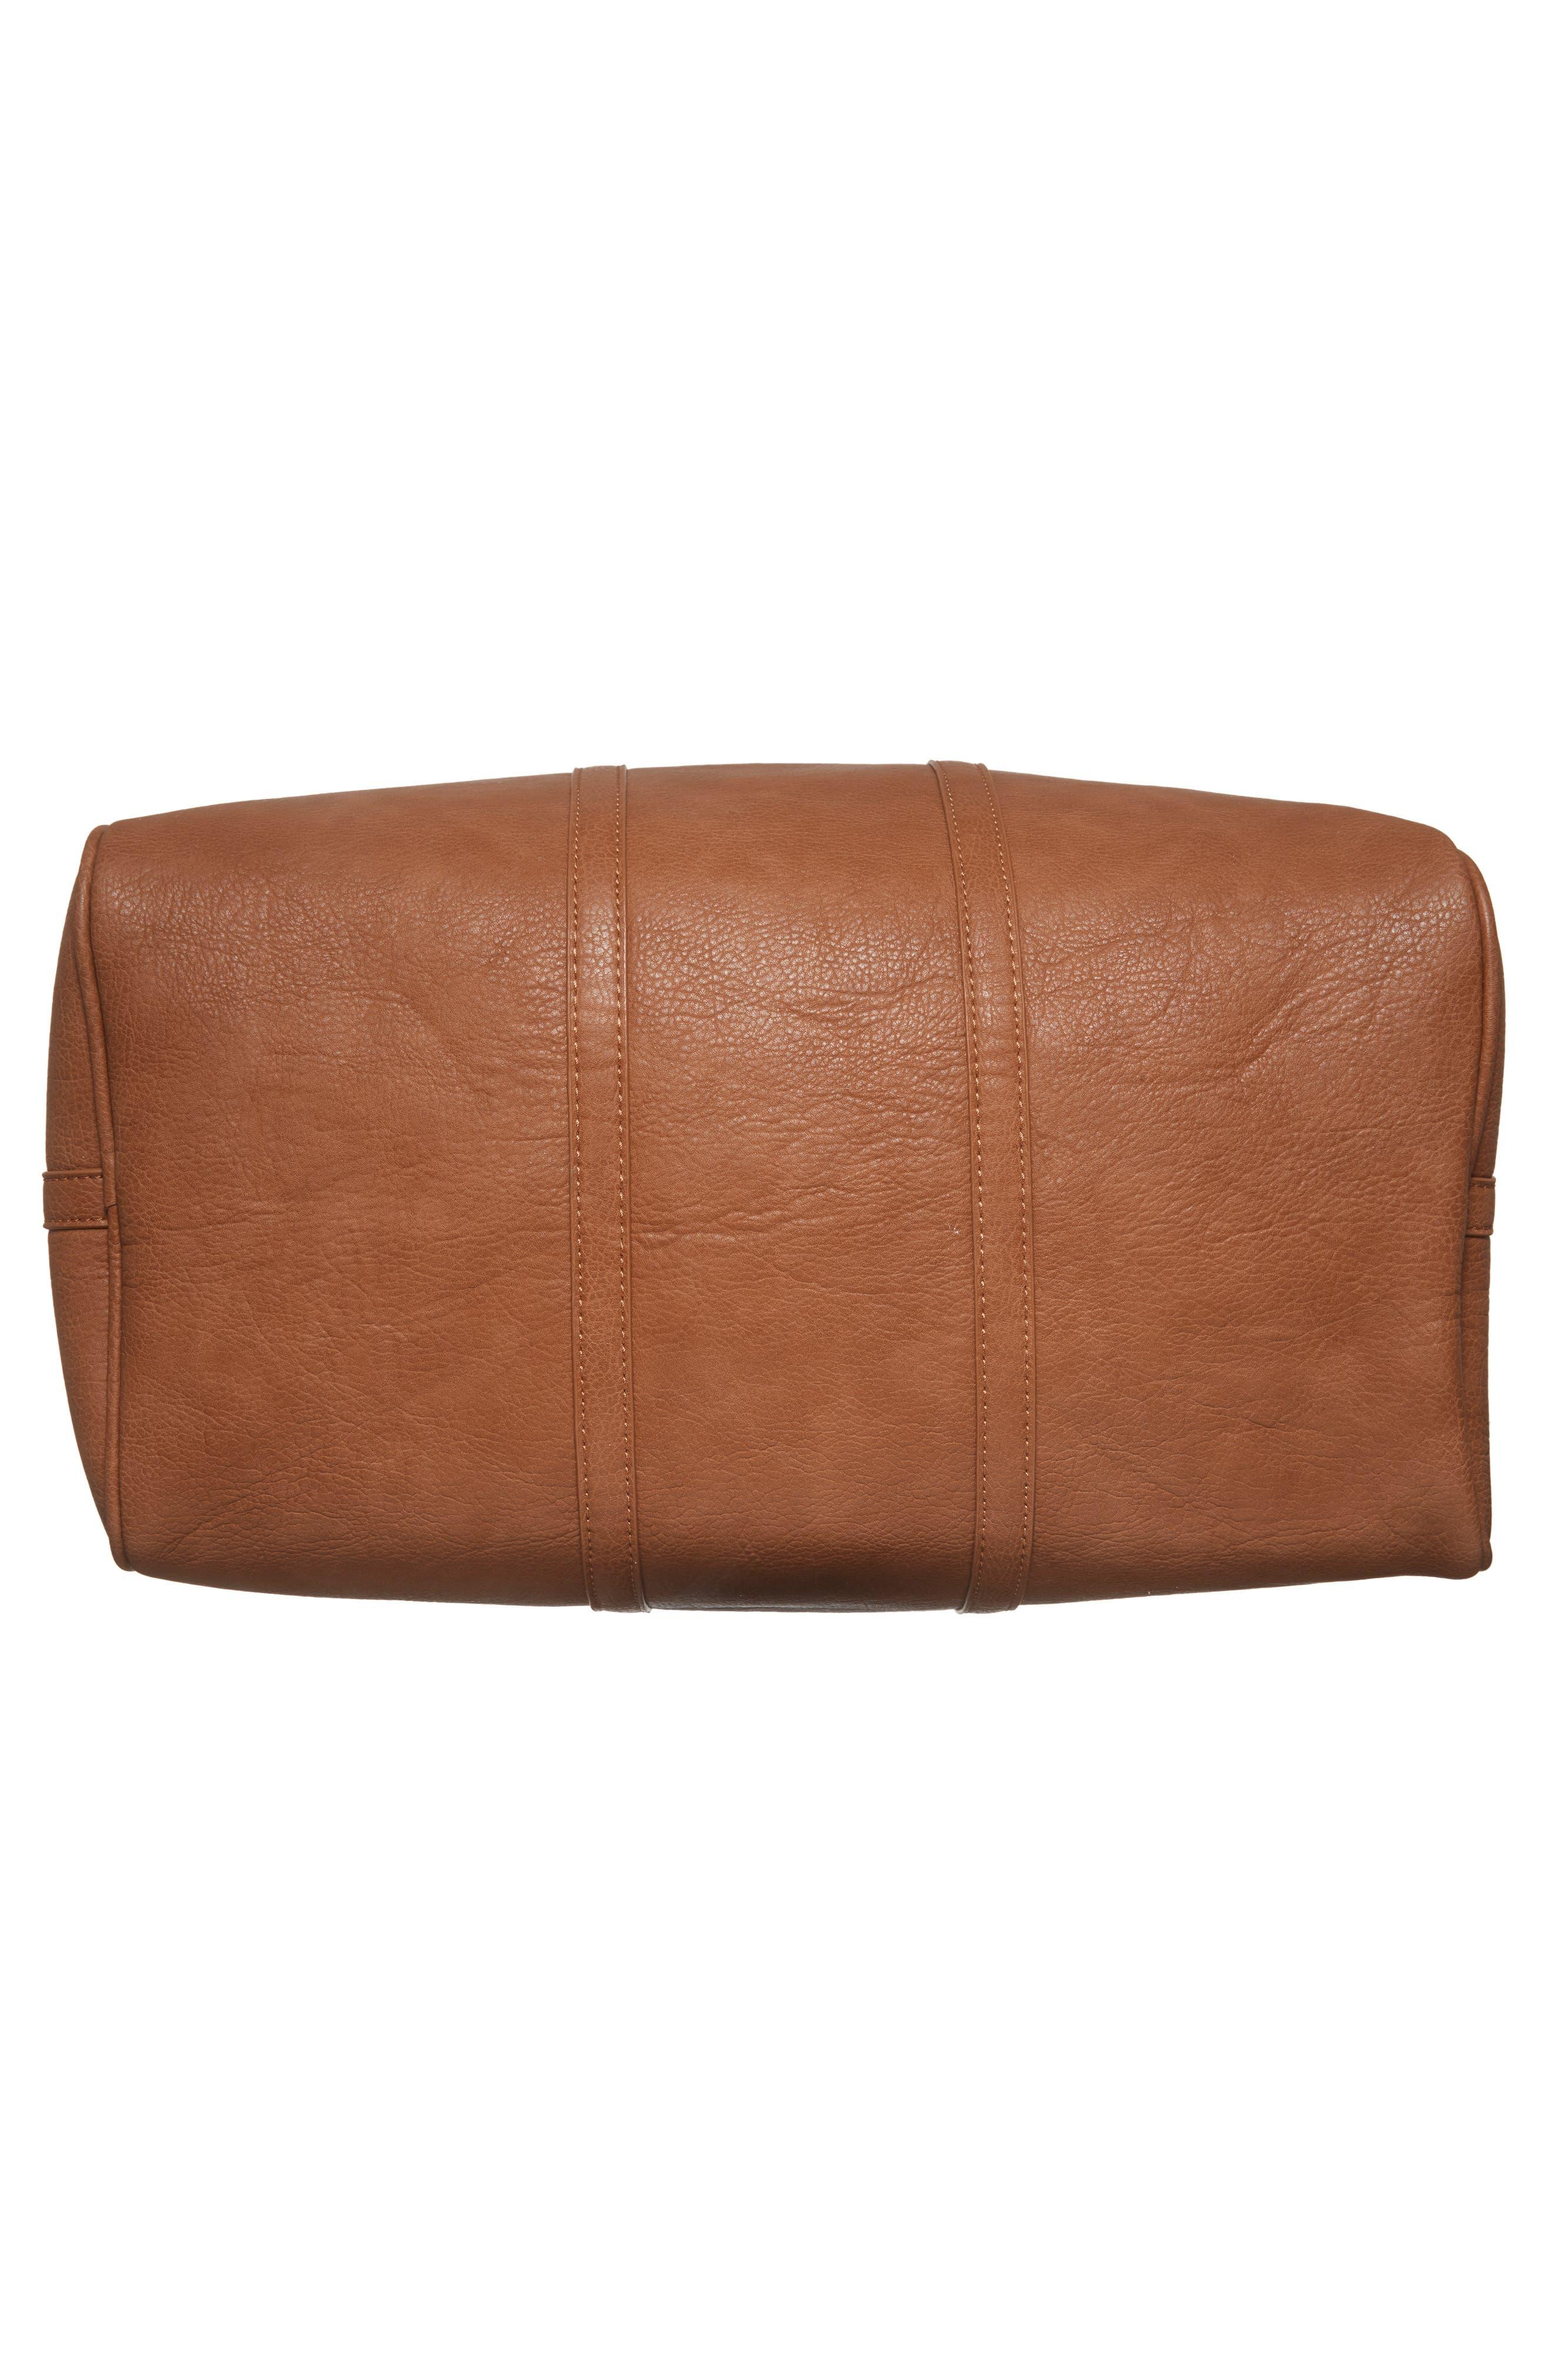 'Cassidy' Faux Leather Duffel Bag,                             Alternate thumbnail 6, color,                             COGNAC